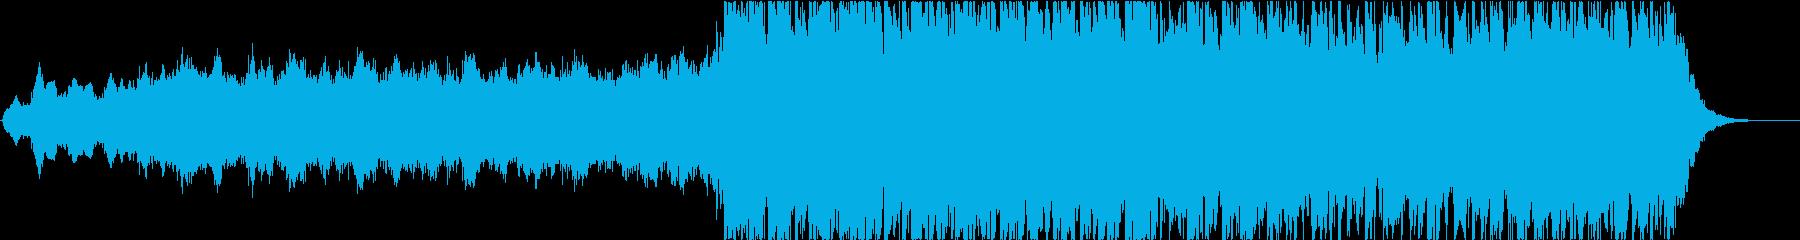 予告編やアクション/追跡シーンに適...の再生済みの波形